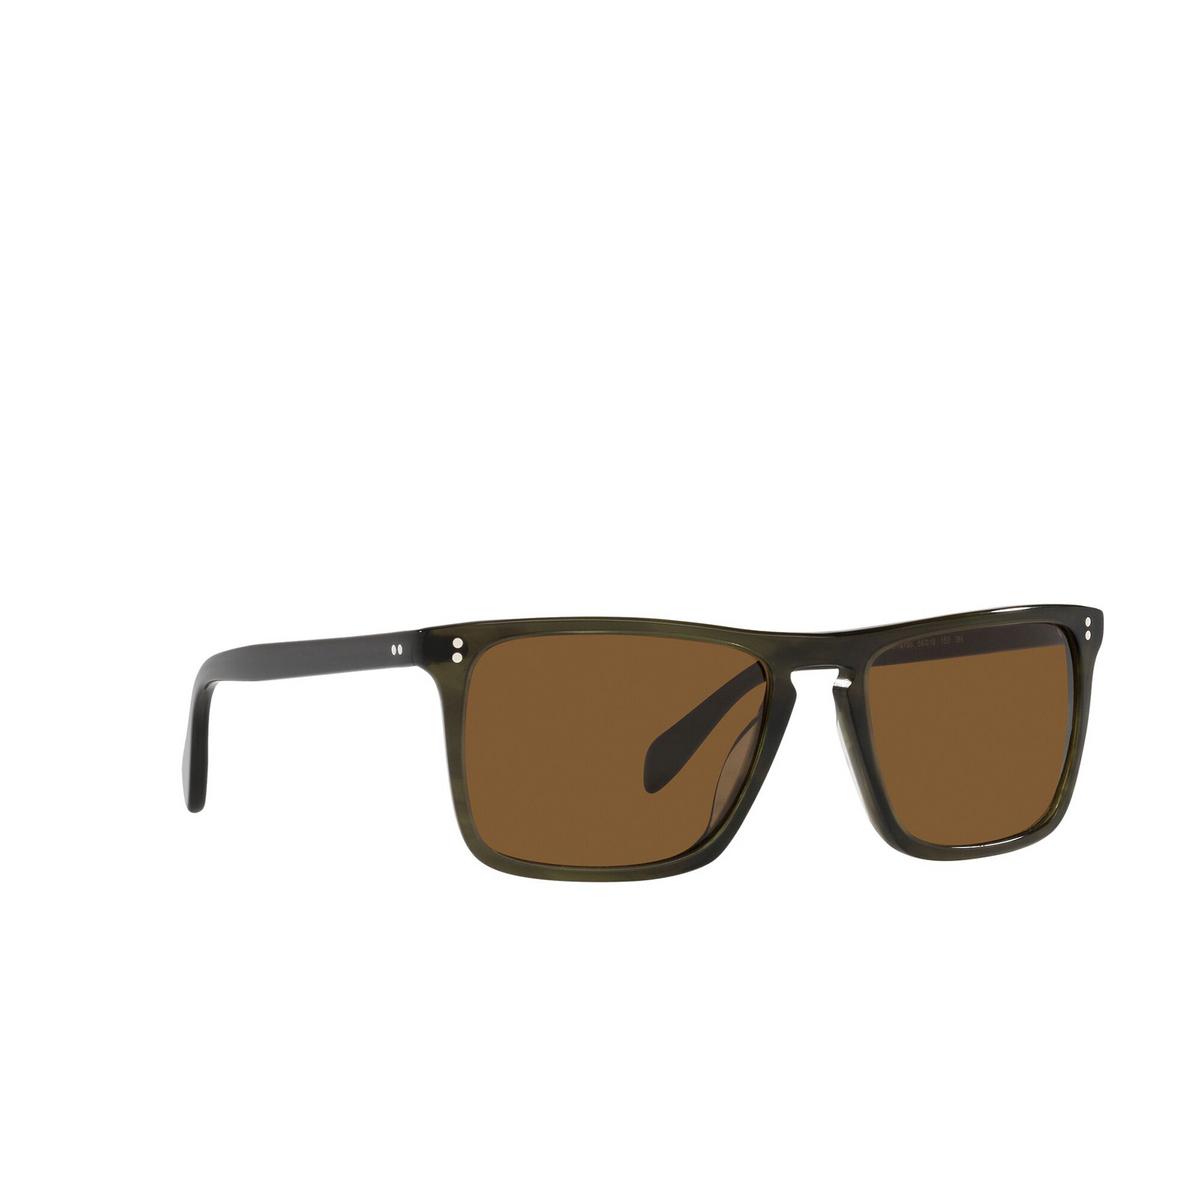 Oliver Peoples® Square Sunglasses: Bernardo OV5189S color Emerald Bark 168053 - three-quarters view.